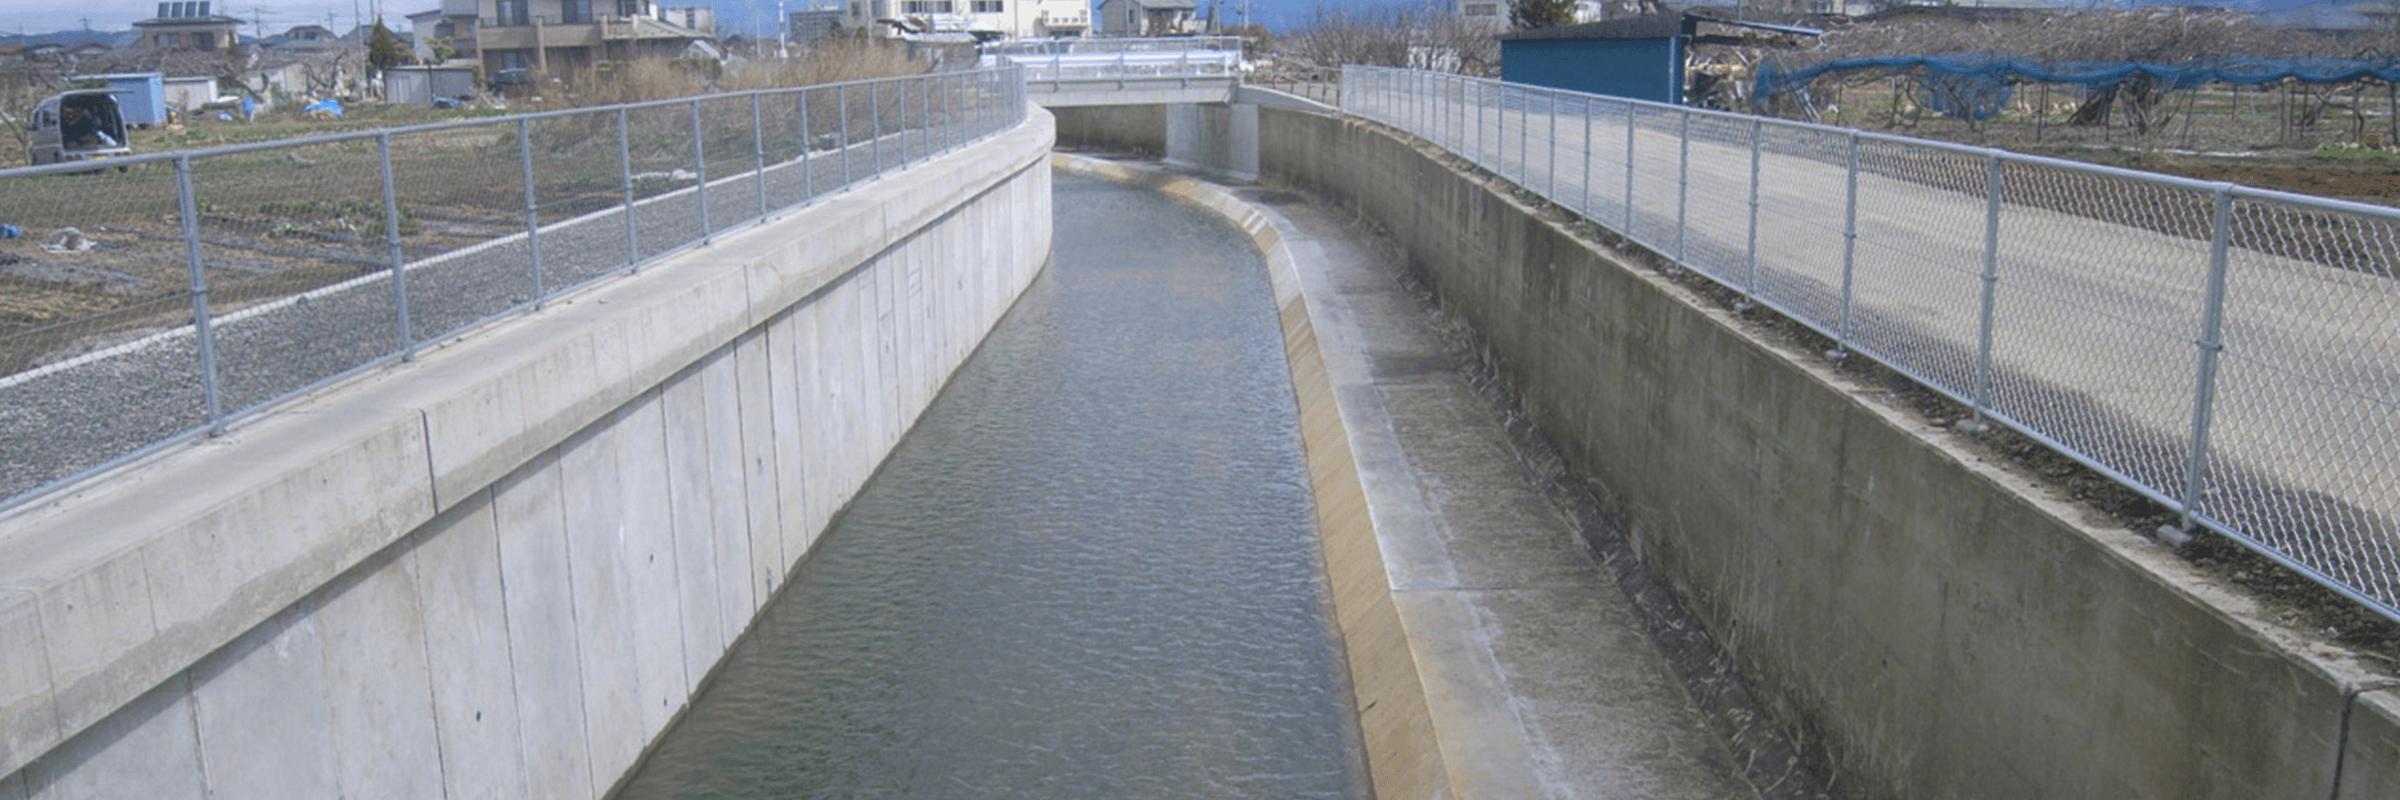 上下水道工事イメージ写真